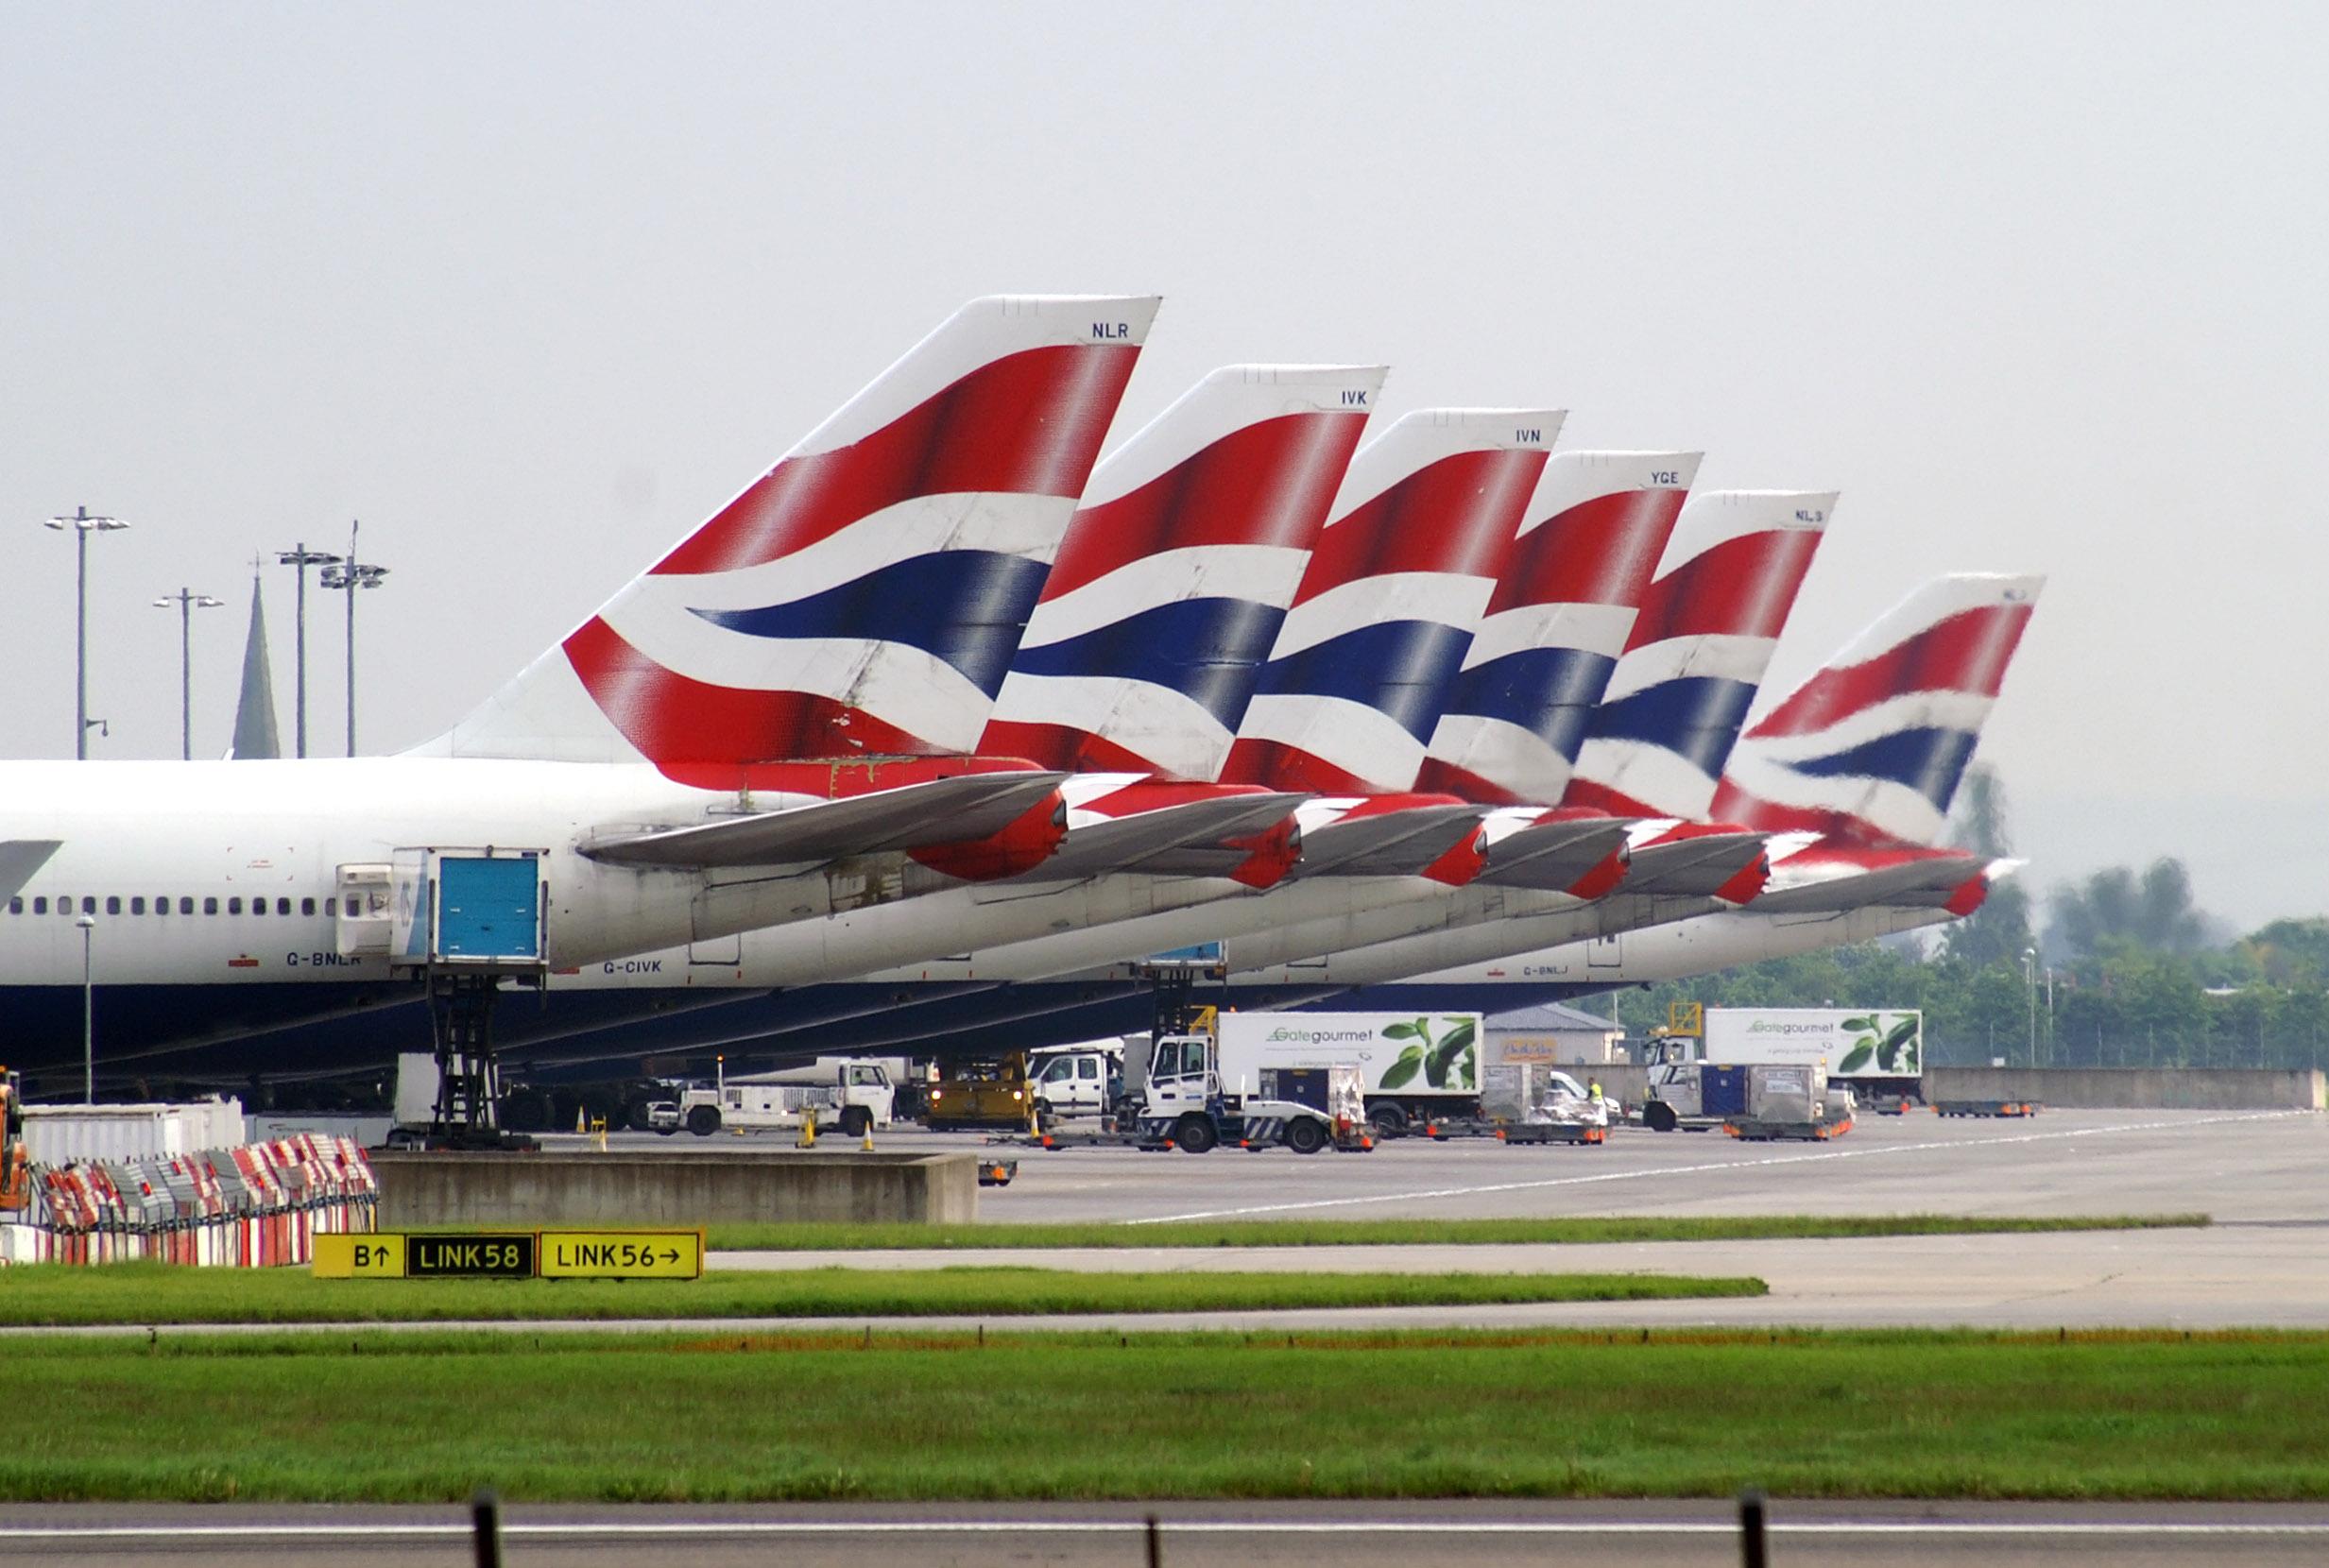 British Airways facing turbulent times during global pandemic 1